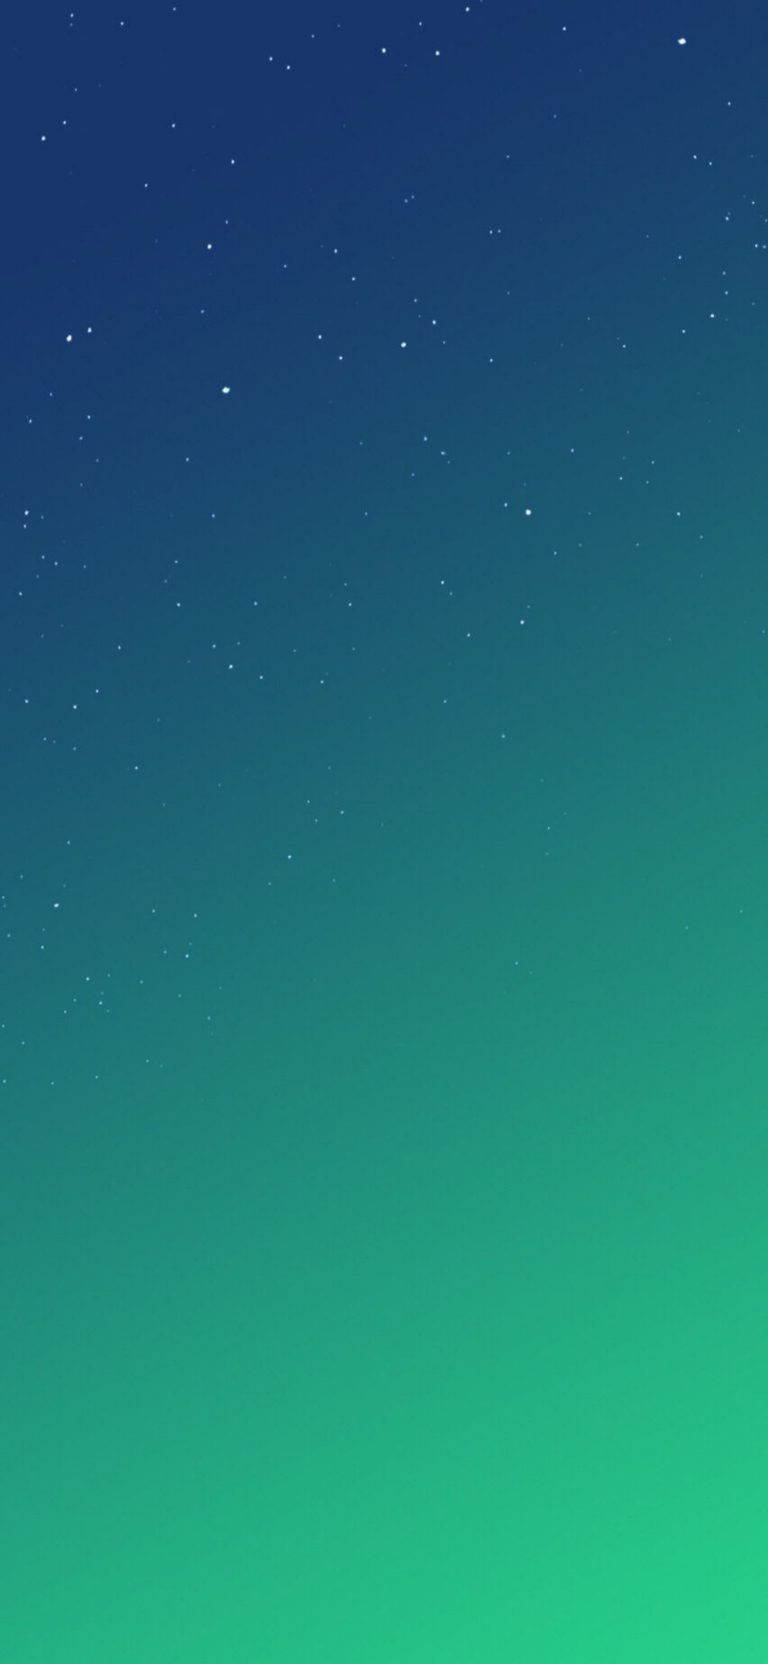 Redmi Note 7S Stock Wallpaper 08 1080x2340 768x1664